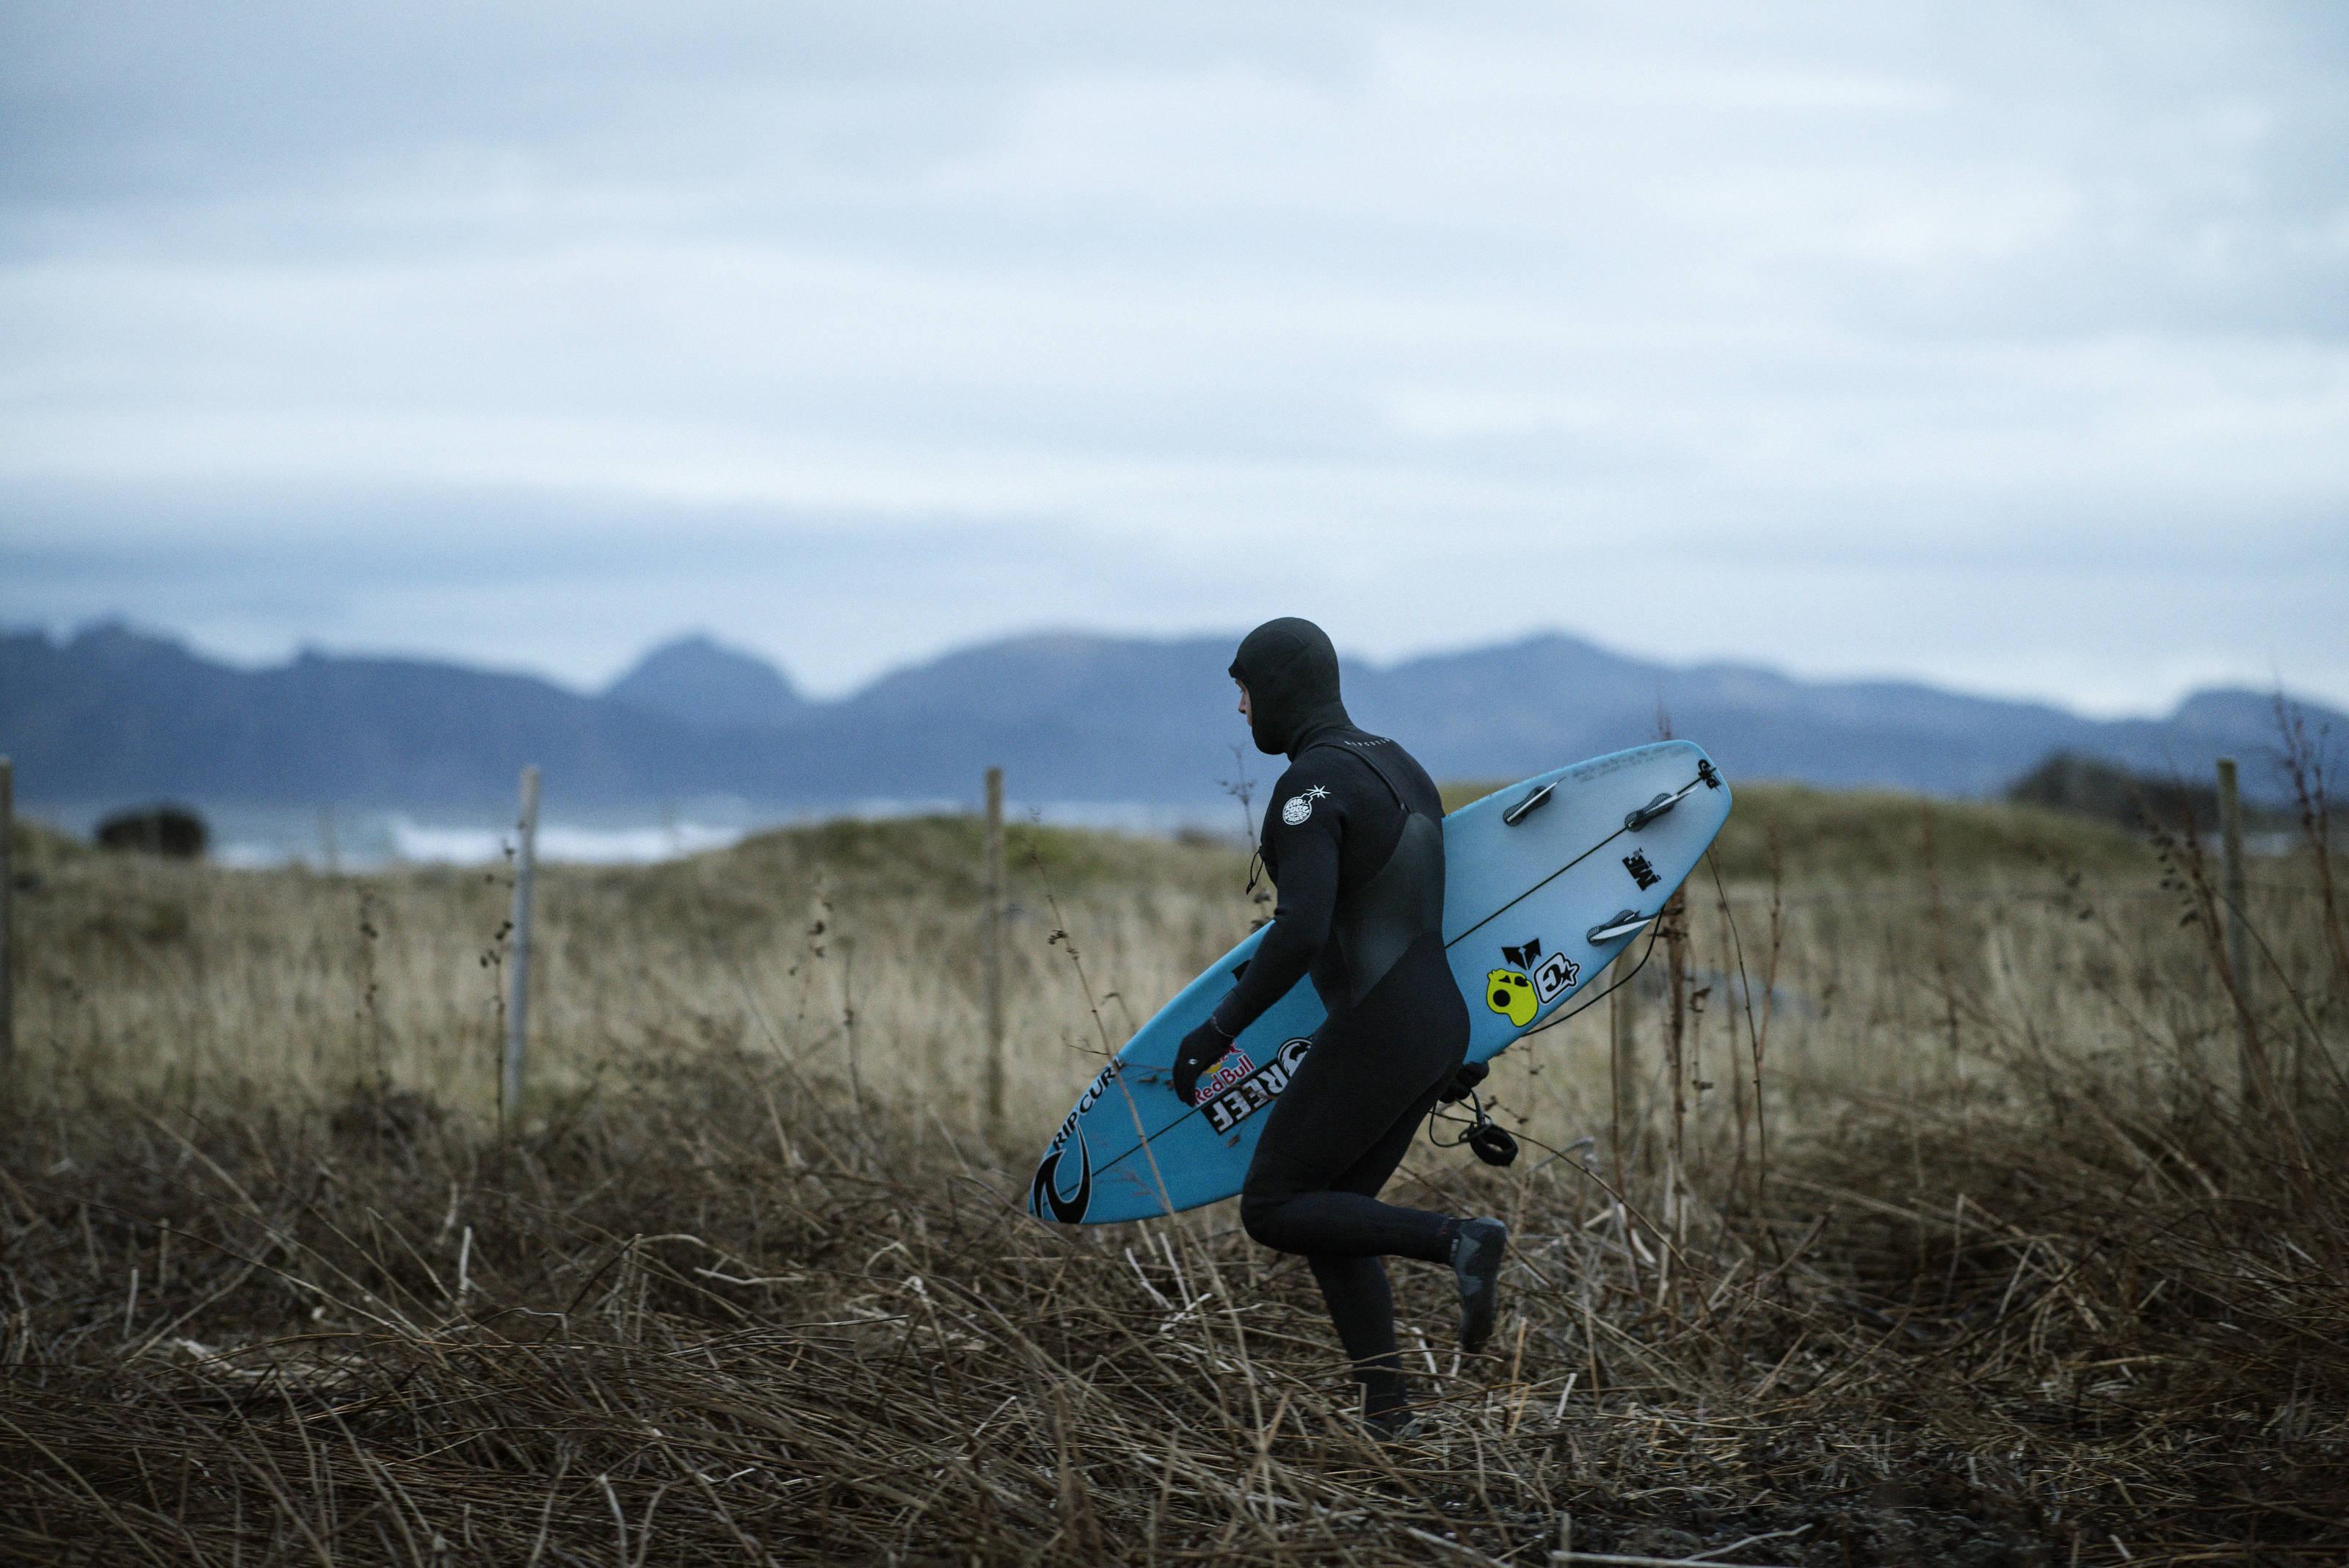 Mick Fanning auf dem Weg zu einer Solo-Surfsession auf den Lofoten. Credit: Red Bull Content Pool